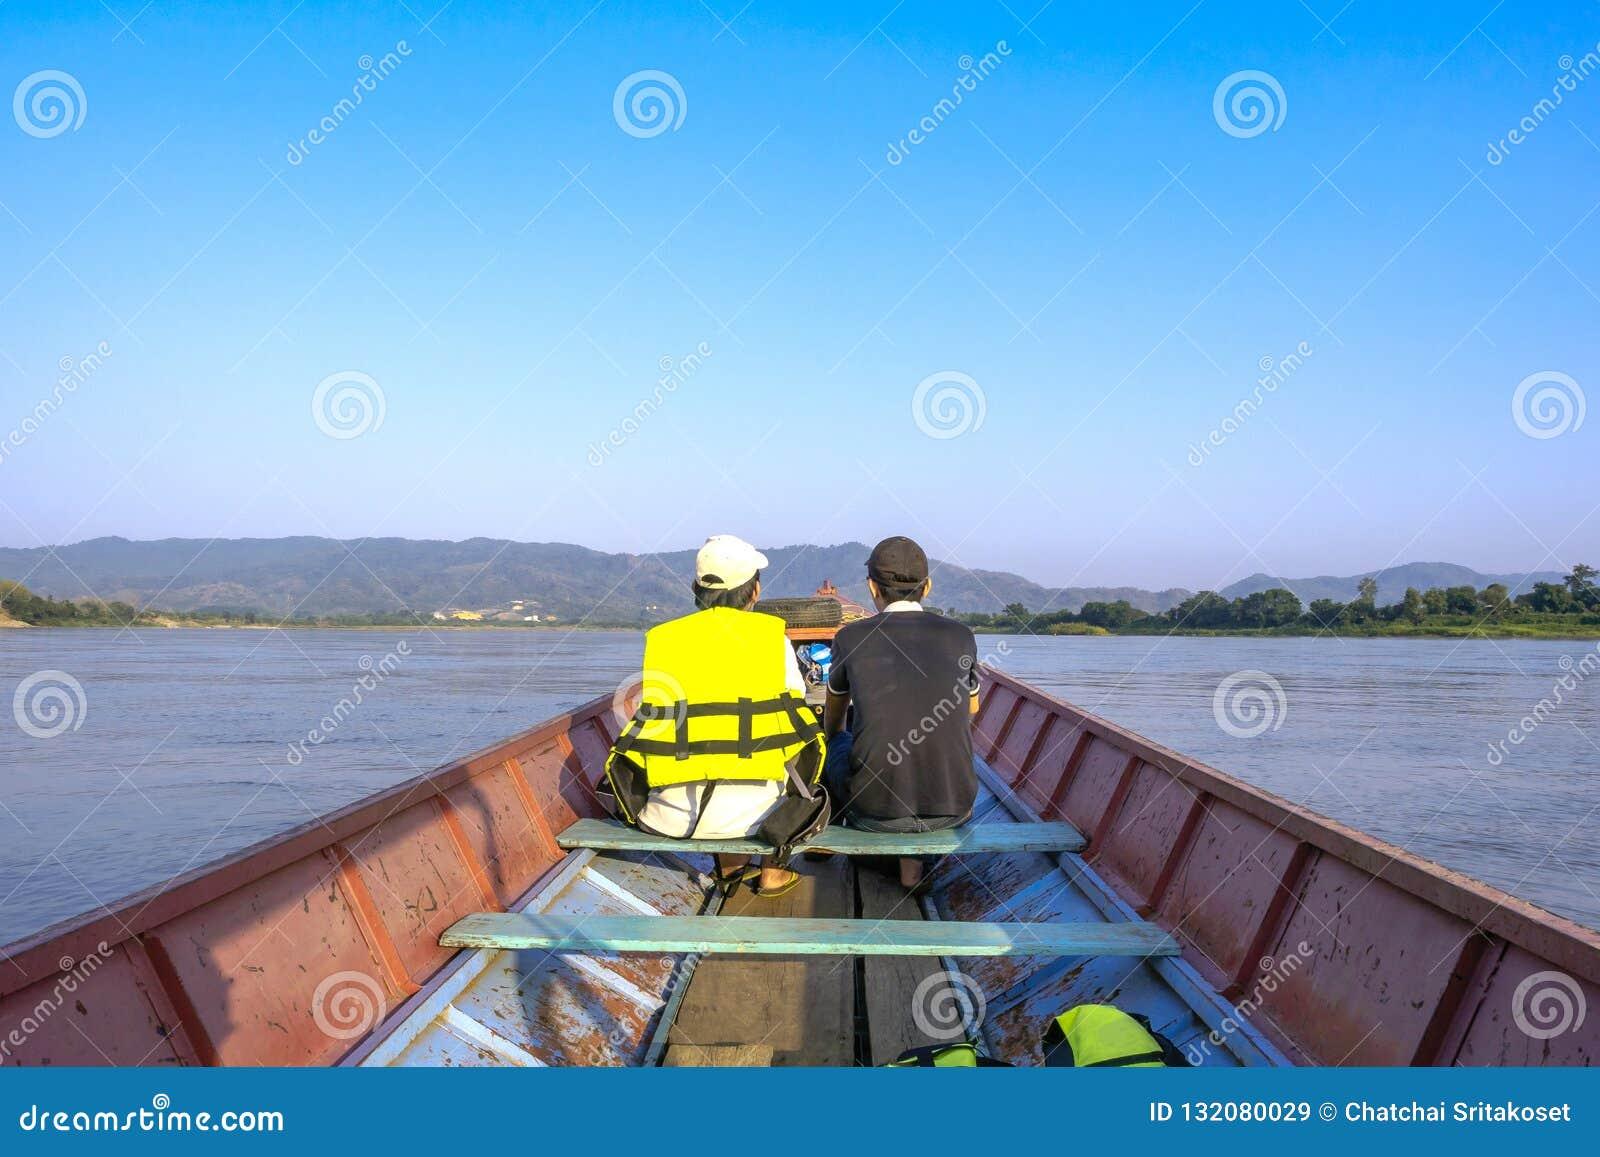 Os visitantes podem tomar um bote para ver a natureza ao longo do Mekon